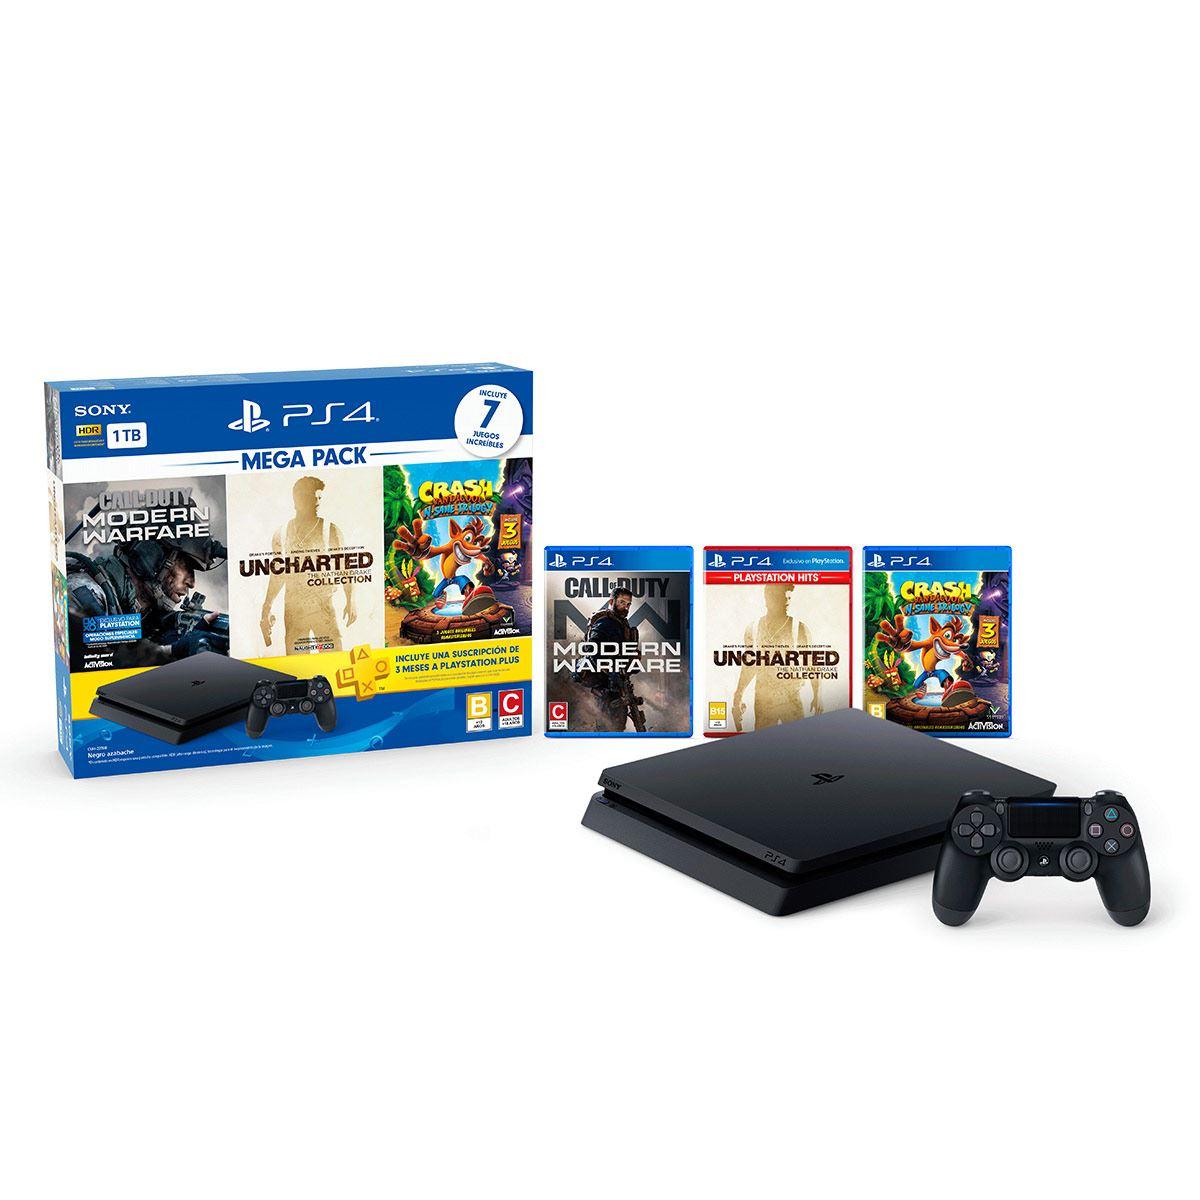 Consola PS4 1 TB Mega Pack 7